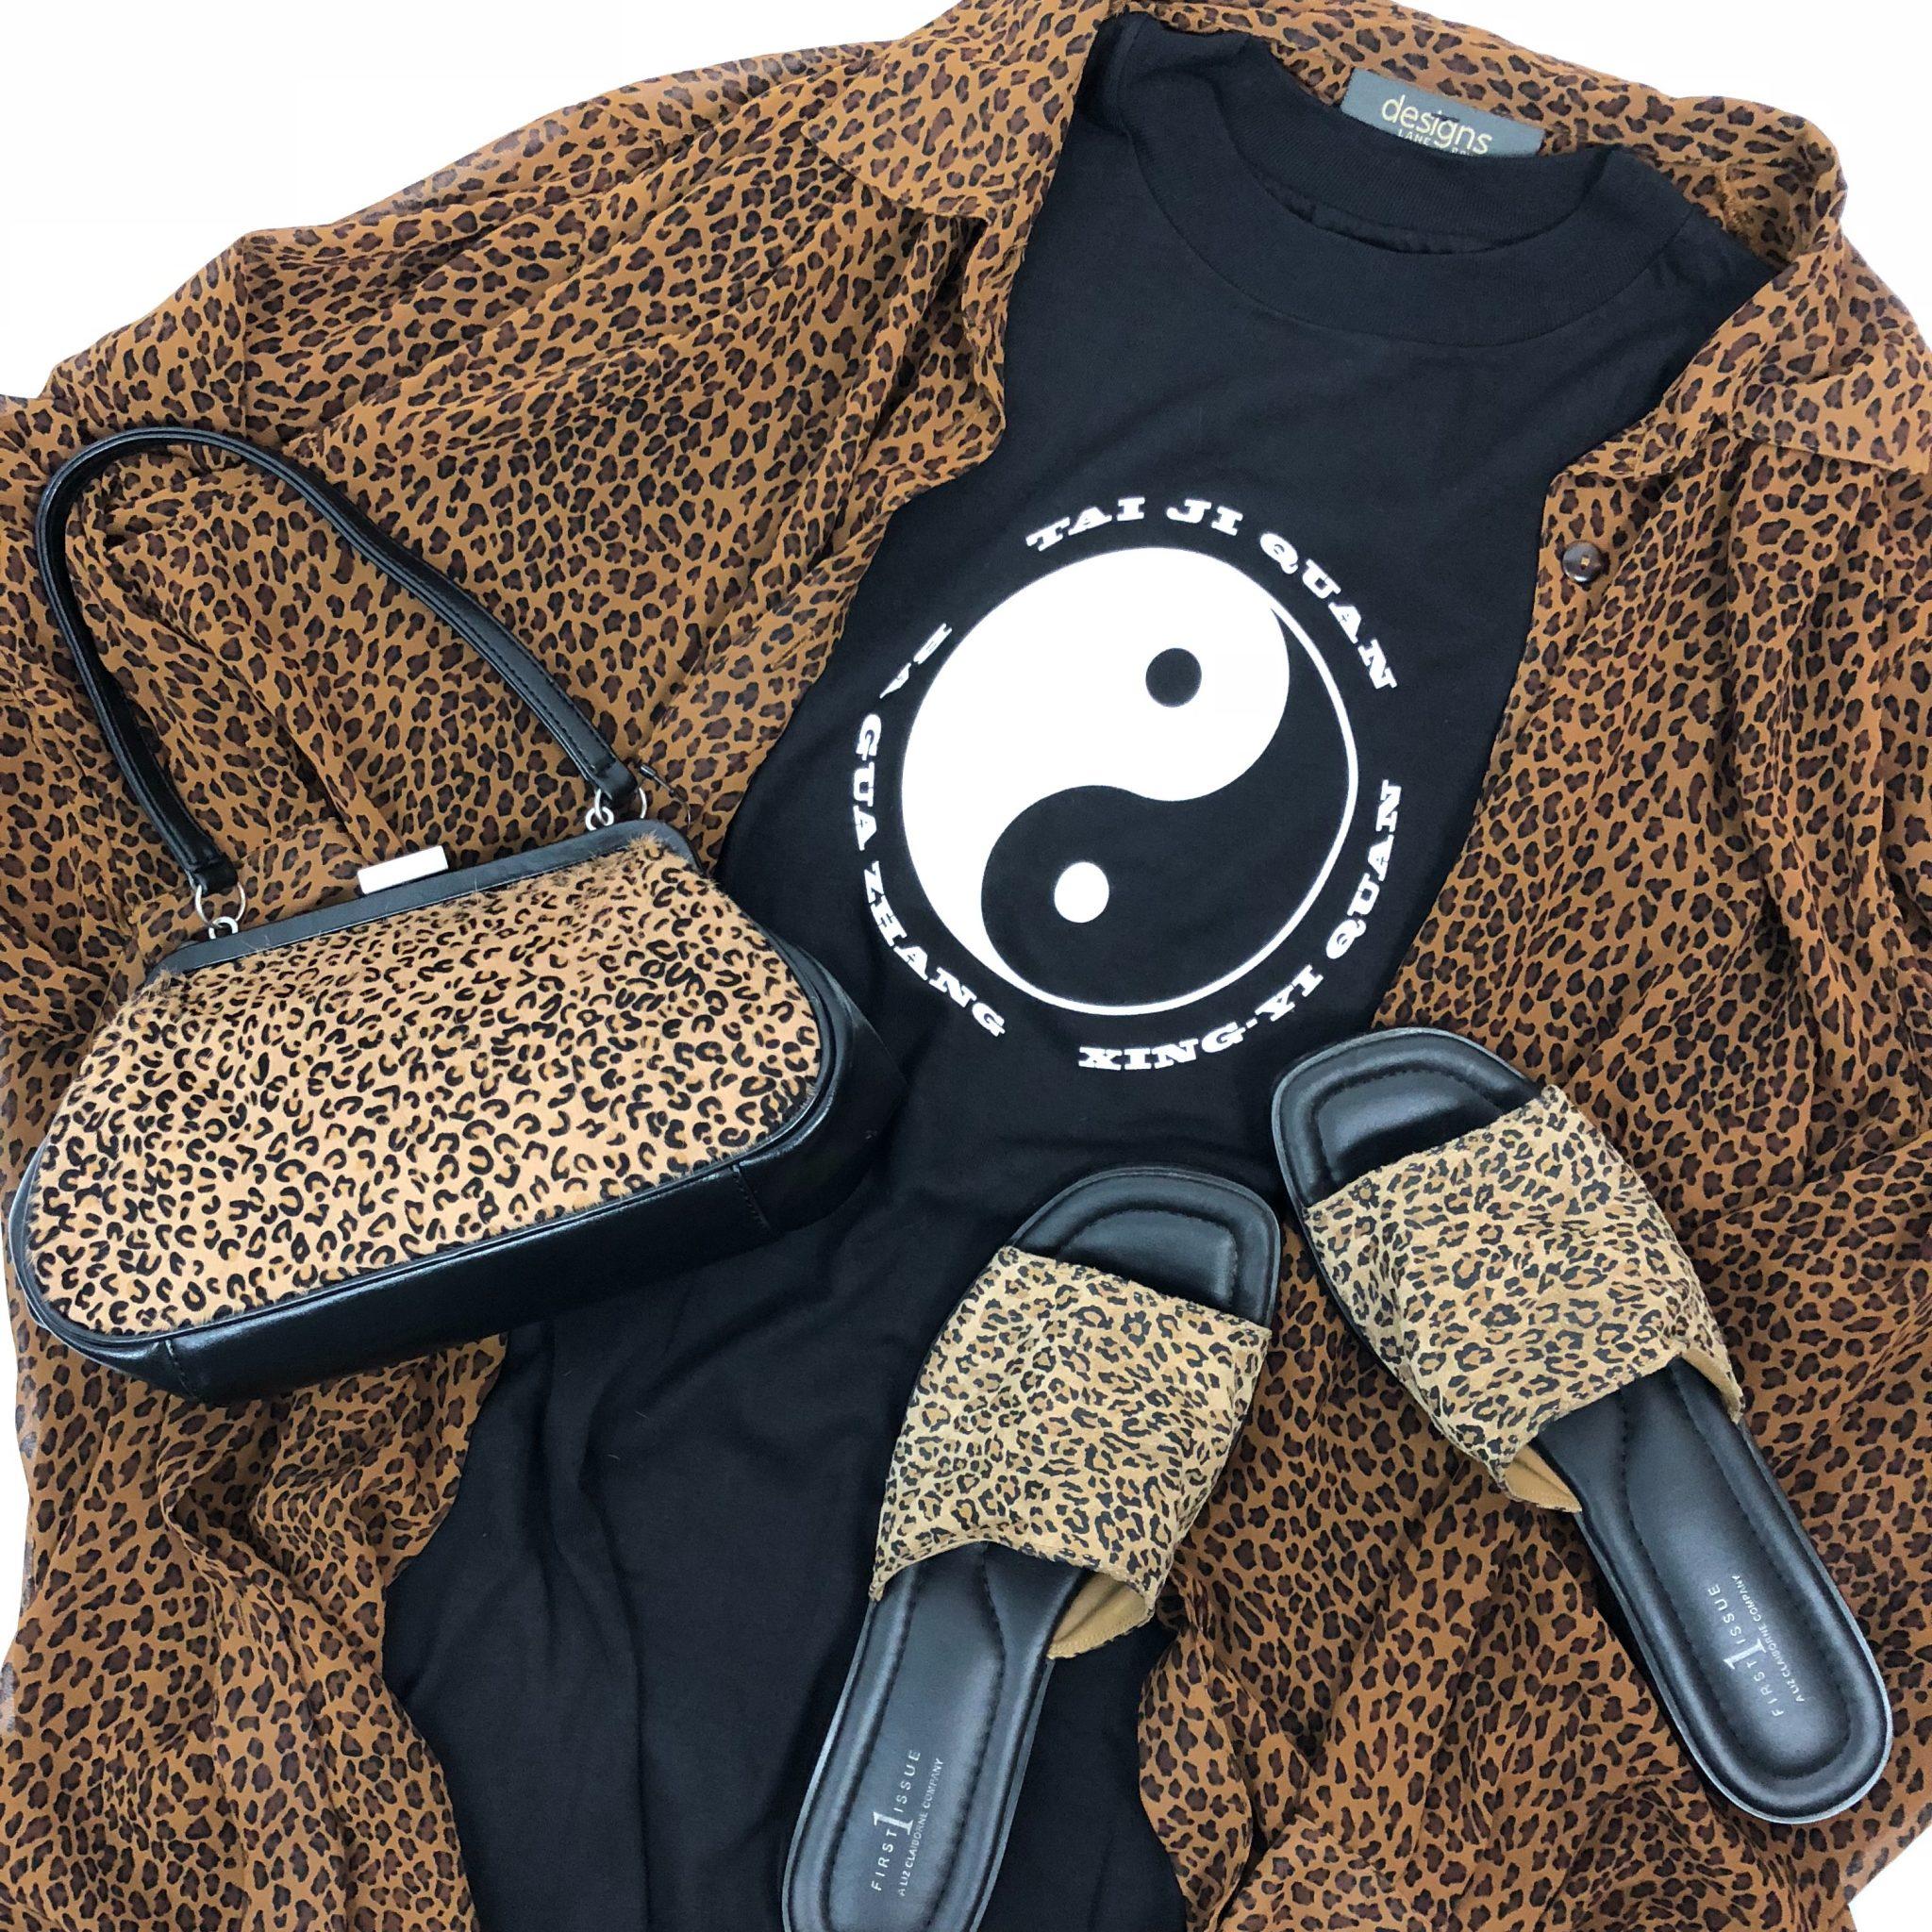 明日から9月がスタート!この秋は何を着る?KAYが今着たいVintageスタイルを紹介します。